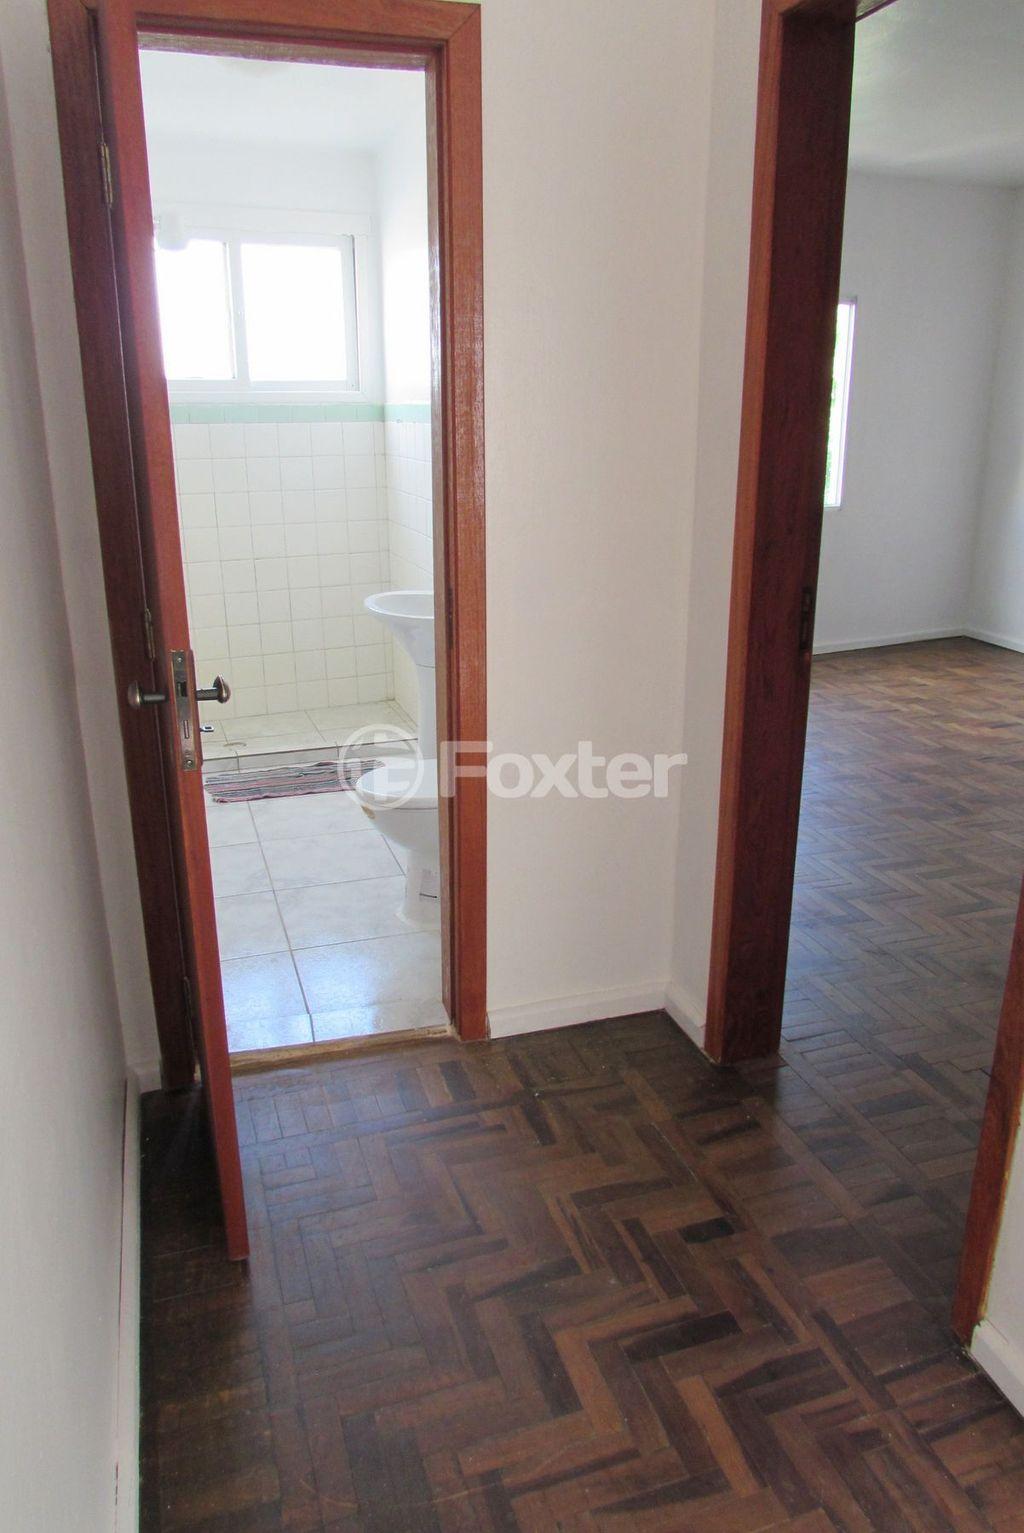 Foxter Imobiliária - Apto 1 Dorm, São Geraldo - Foto 7